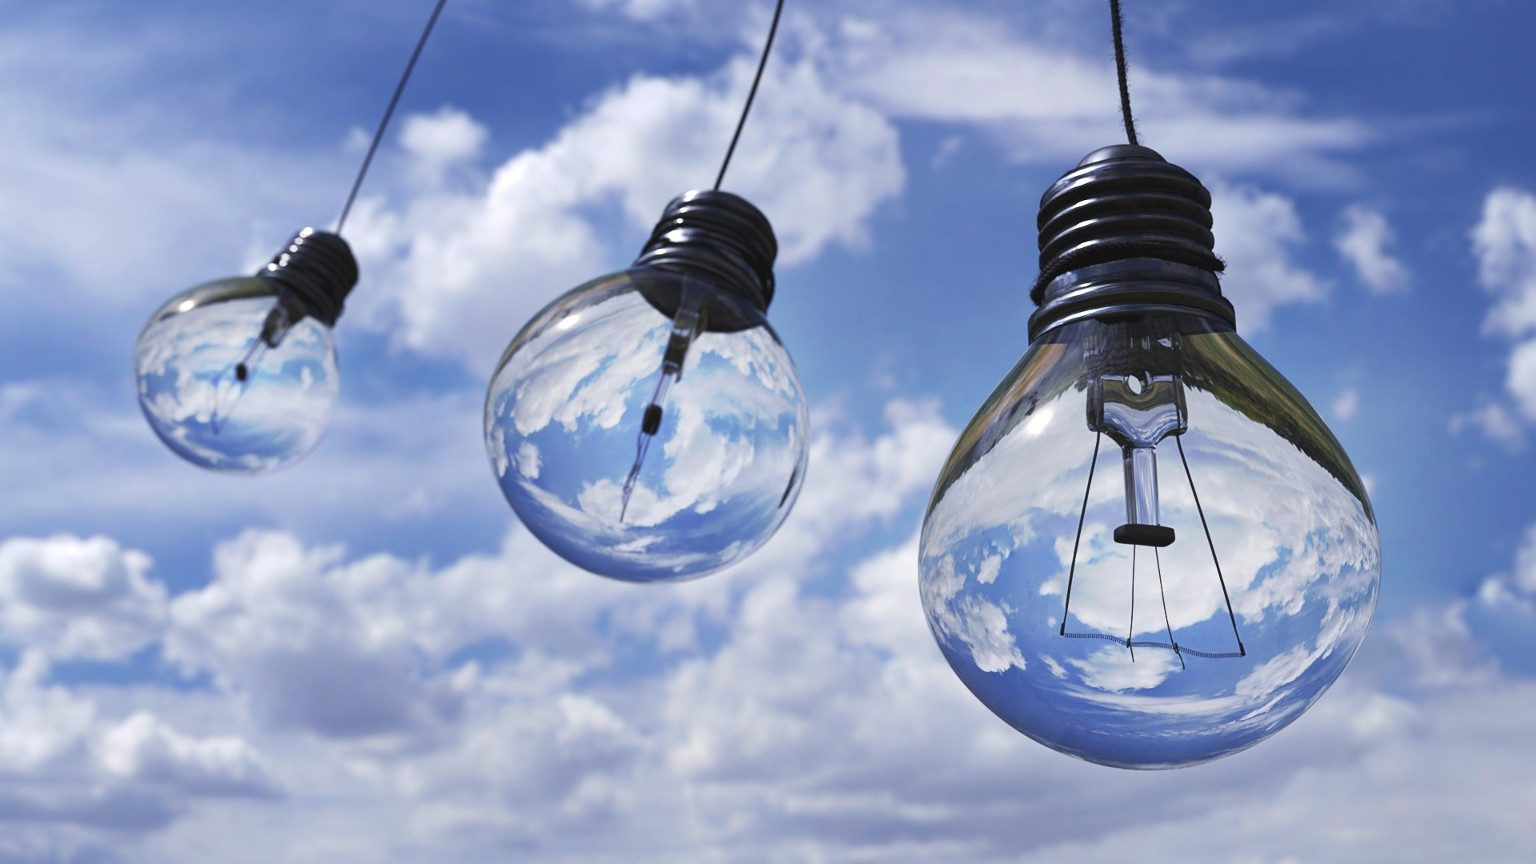 Light Bulbs Against Sky